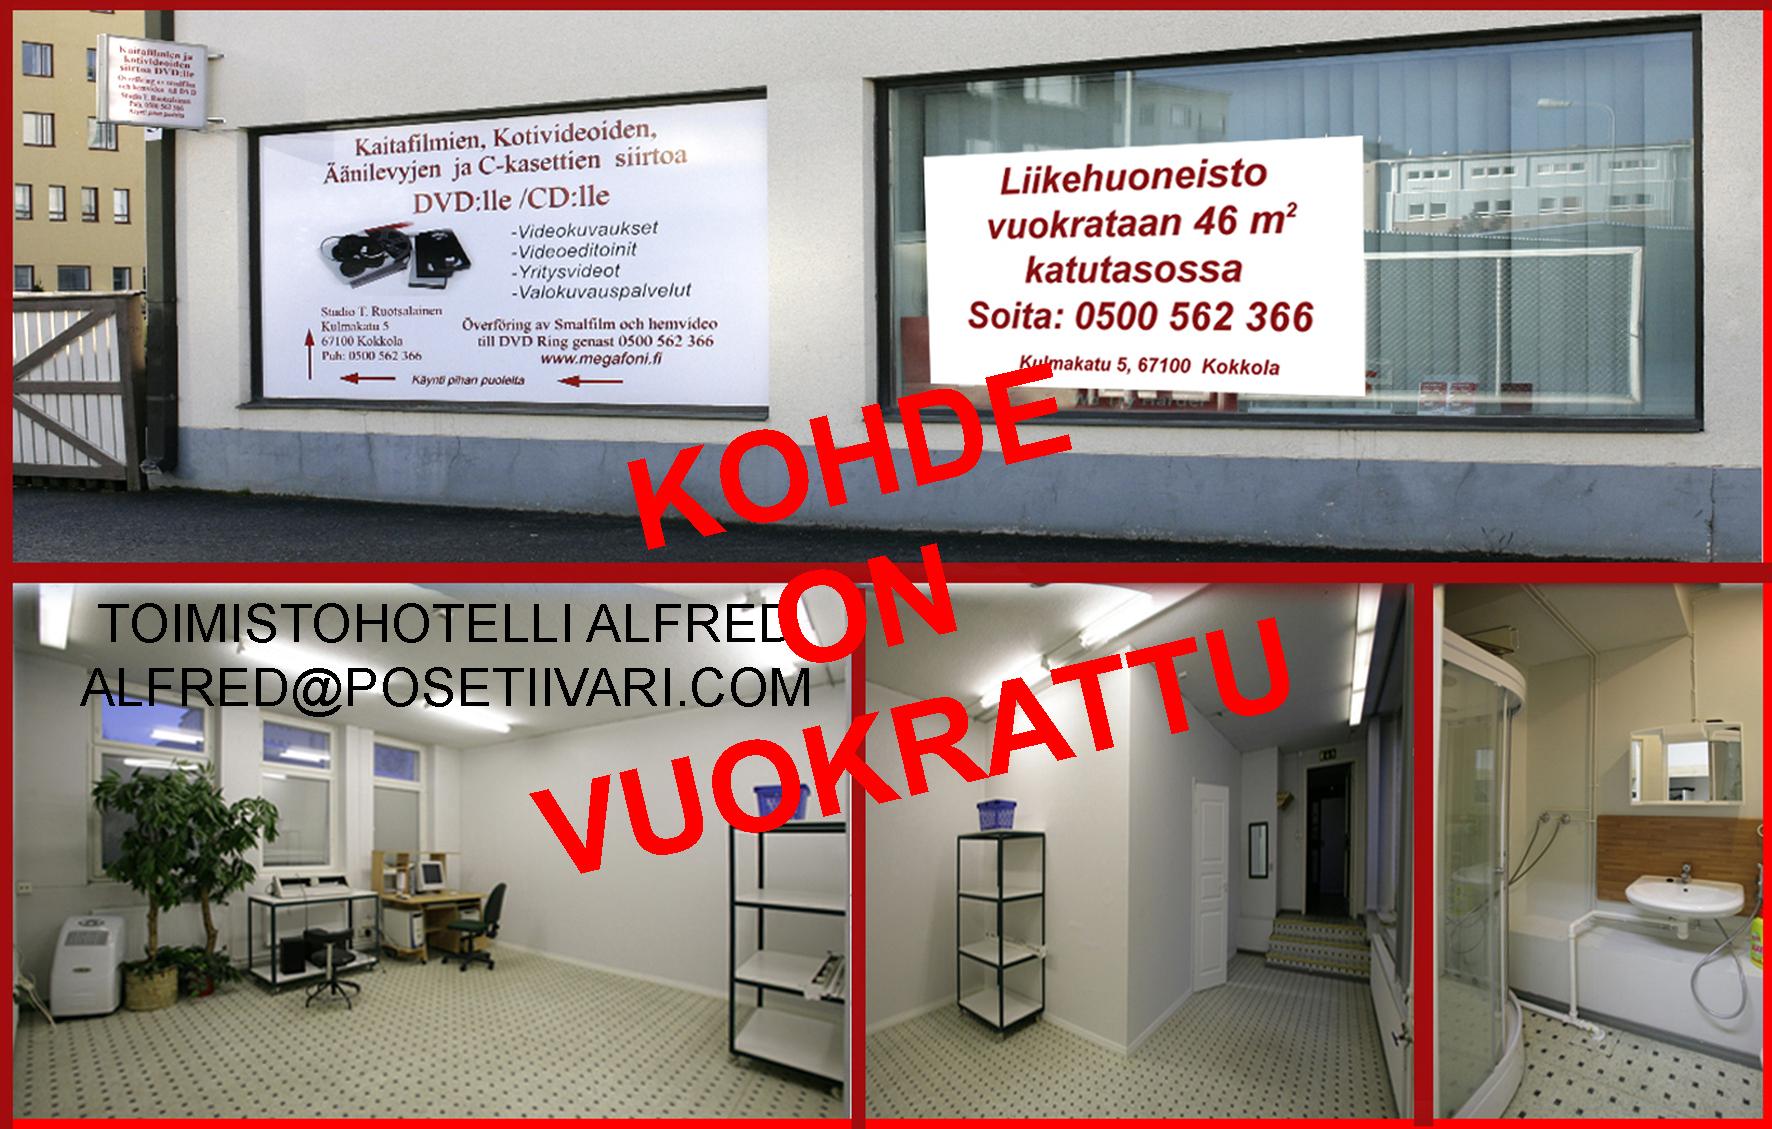 Vuokra-asunnot Kokkola - Posetiivari.com